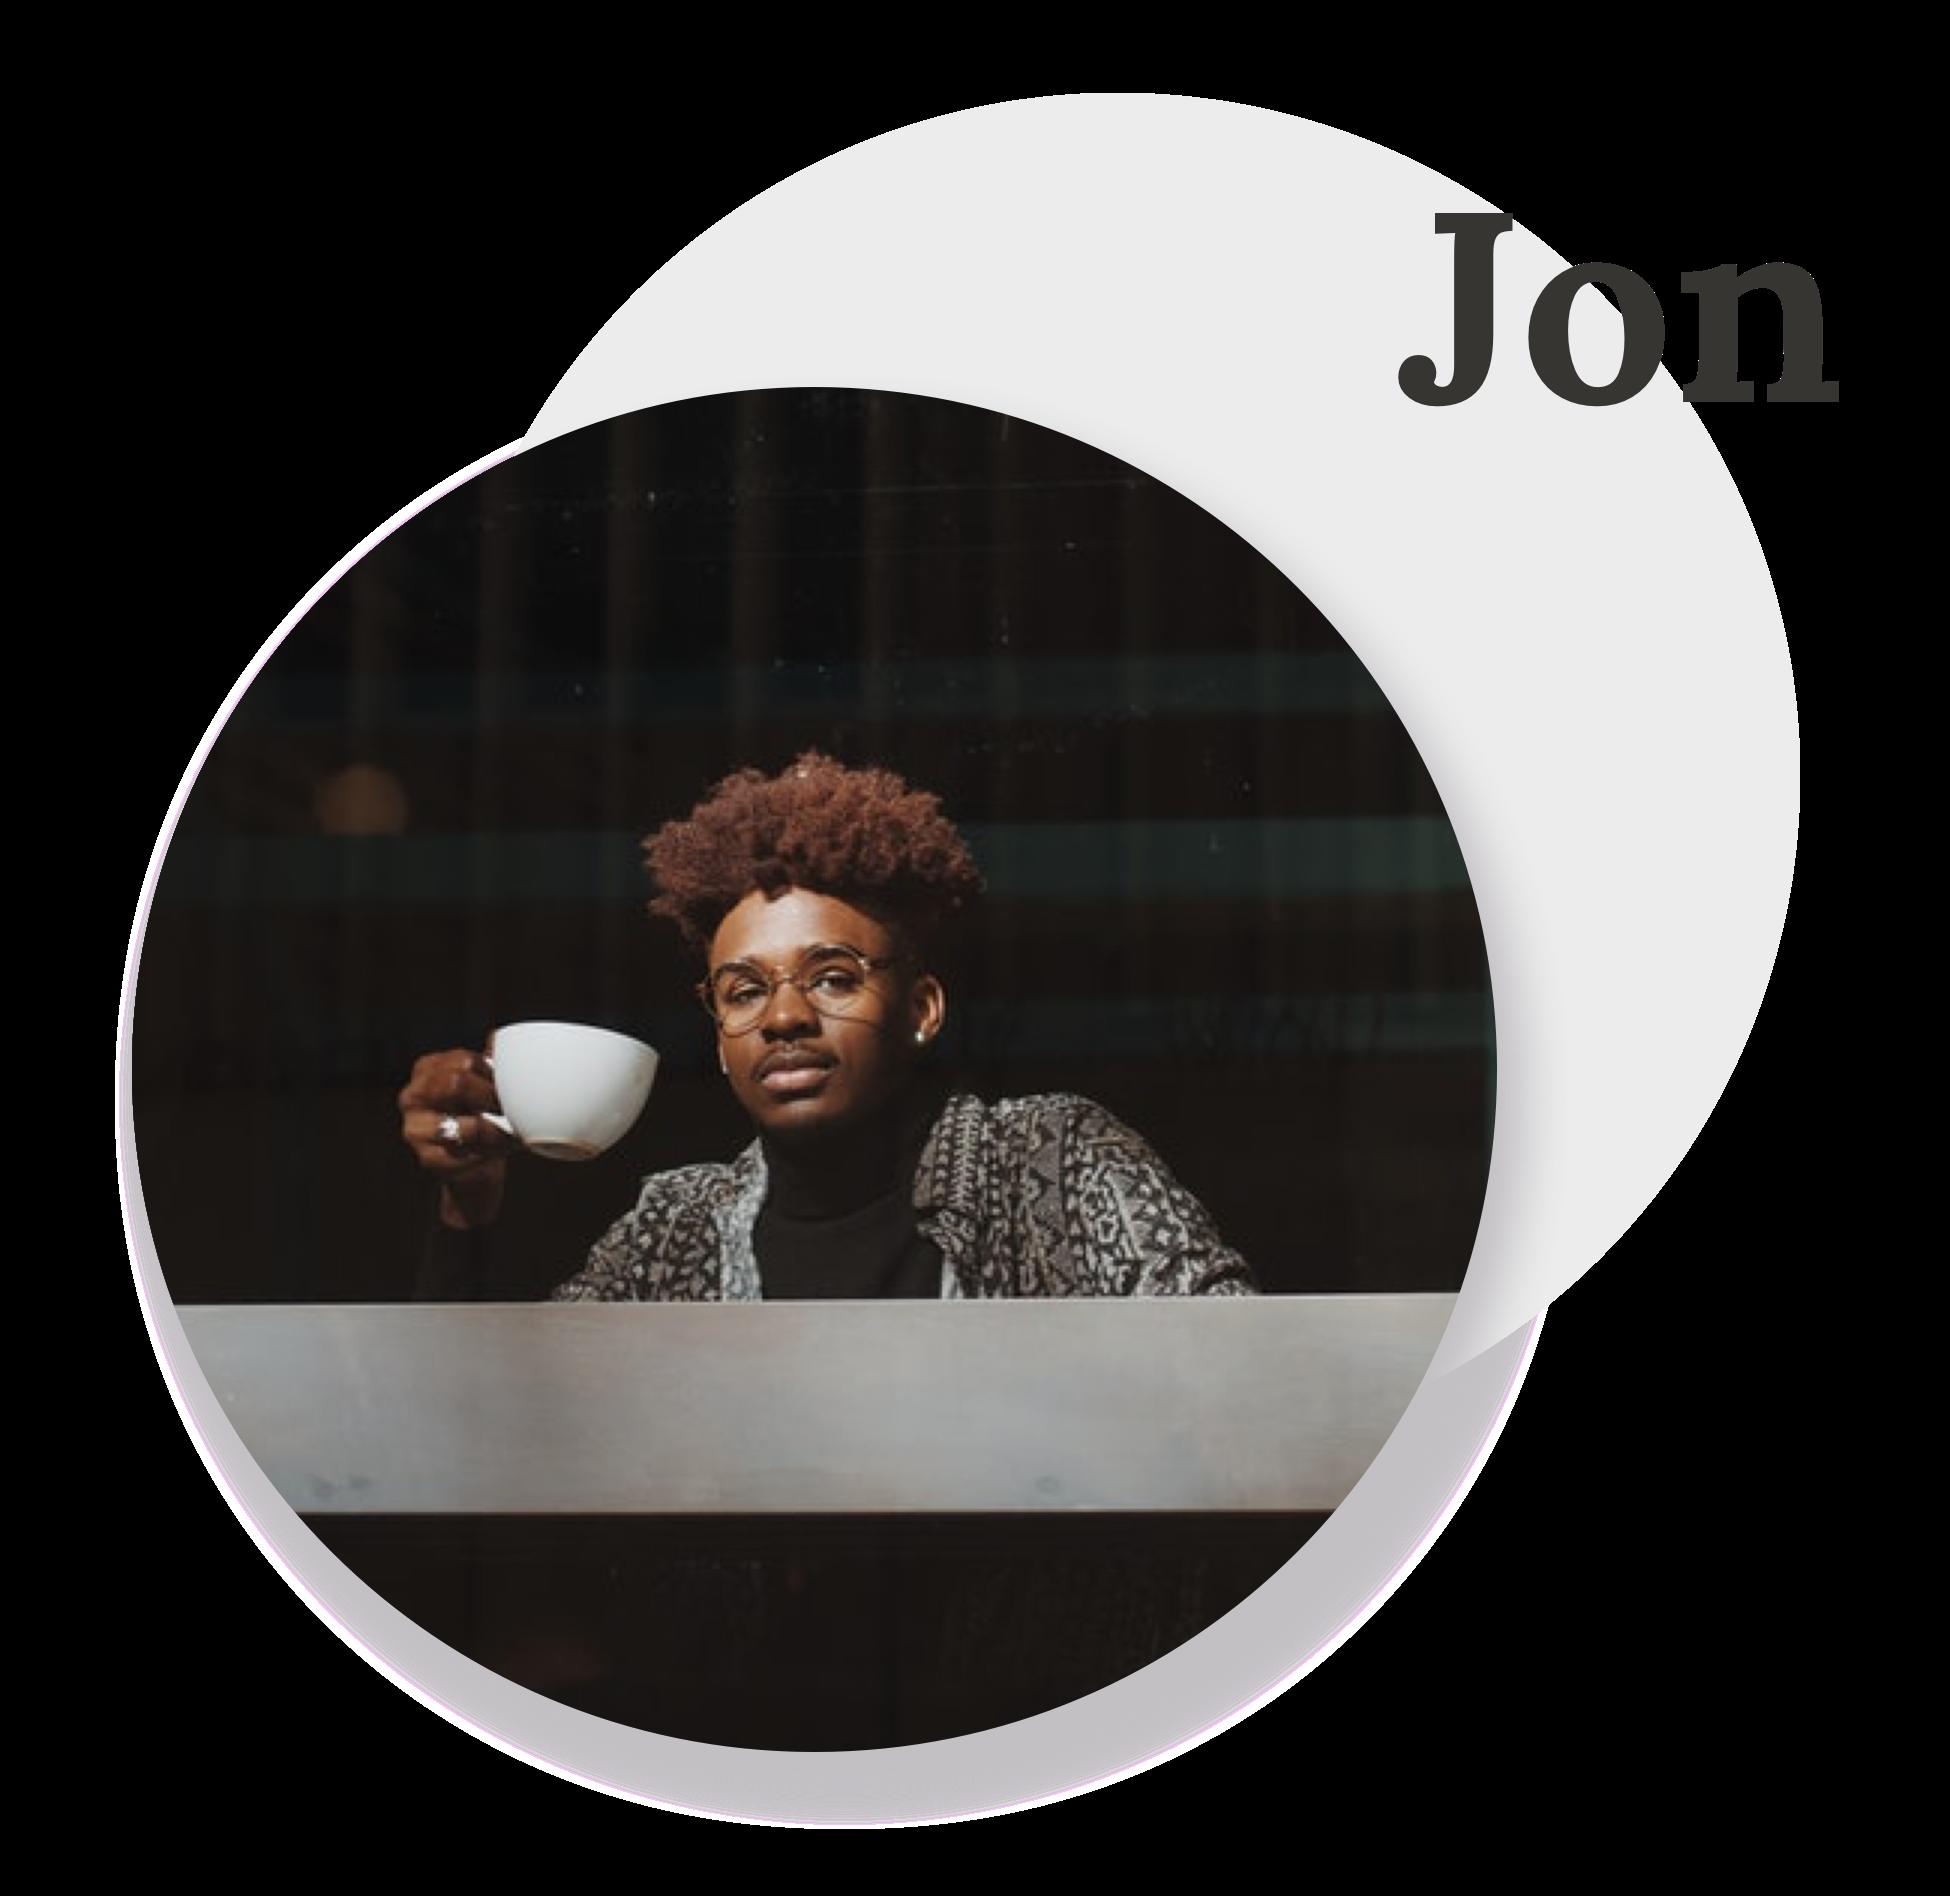 Jon Alone 2.png